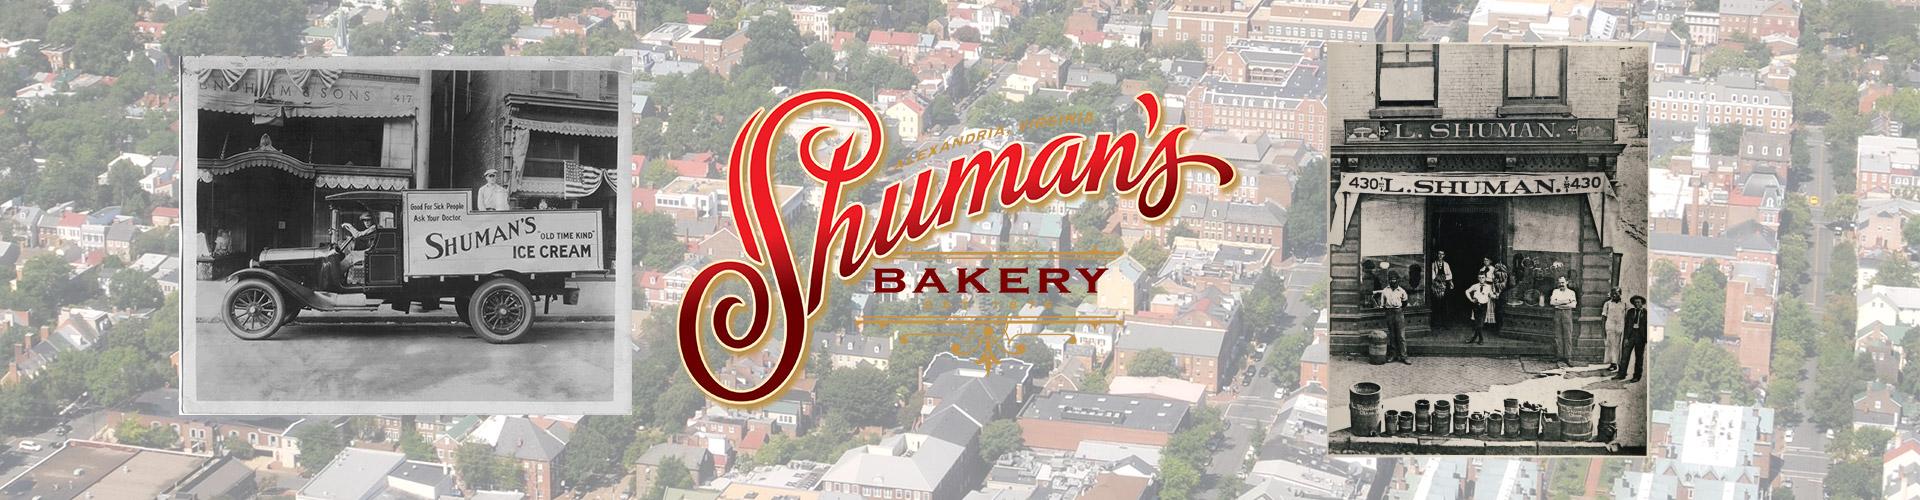 Shuman's Bakery Banner